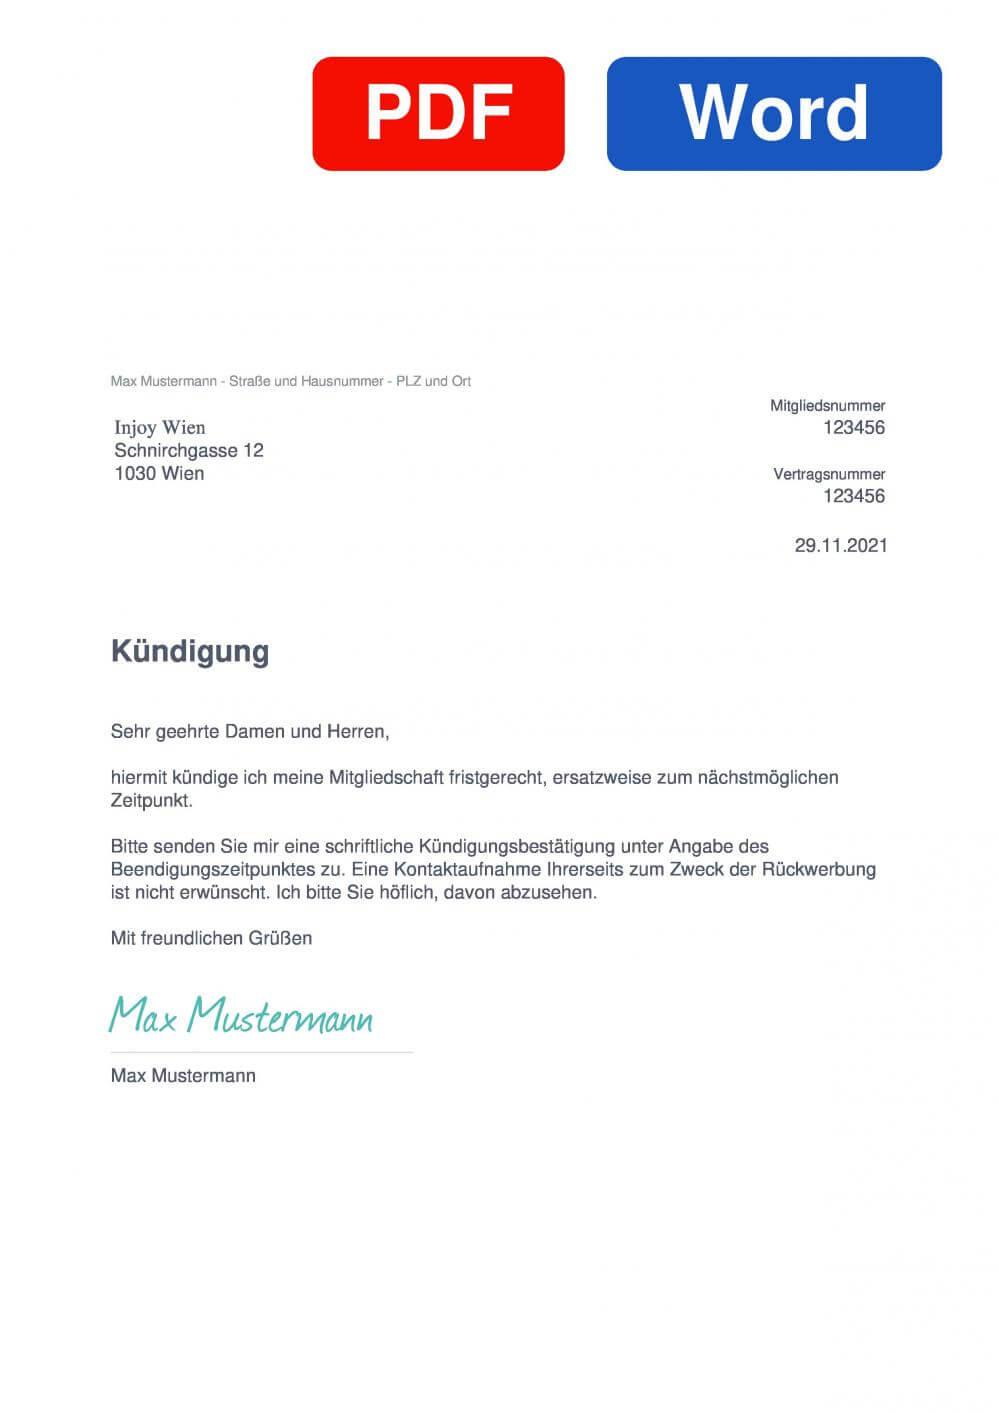 INJOY Wien Muster Vorlage für Kündigungsschreiben